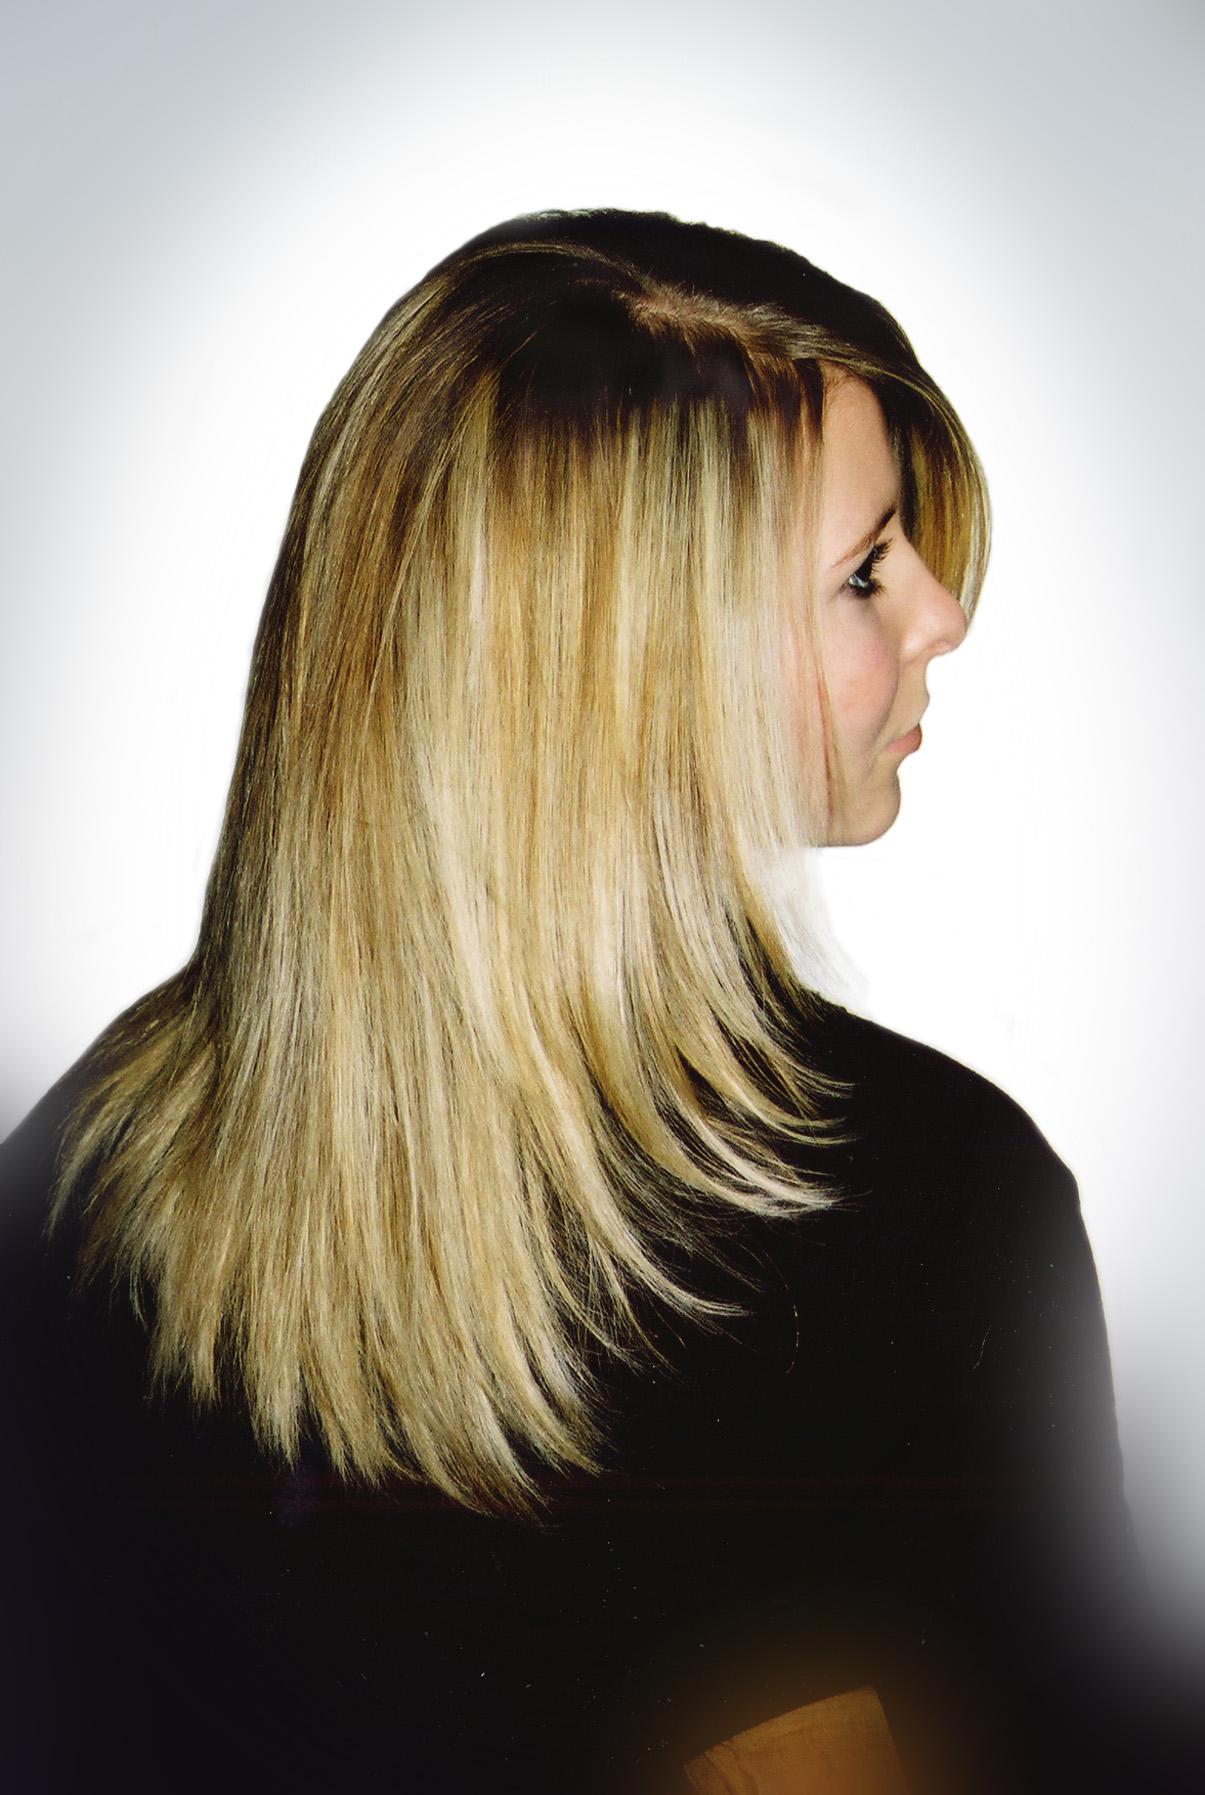 Plan te coupe vincennes avis tarifs horaires t l phone for Salon de coiffure vincennes